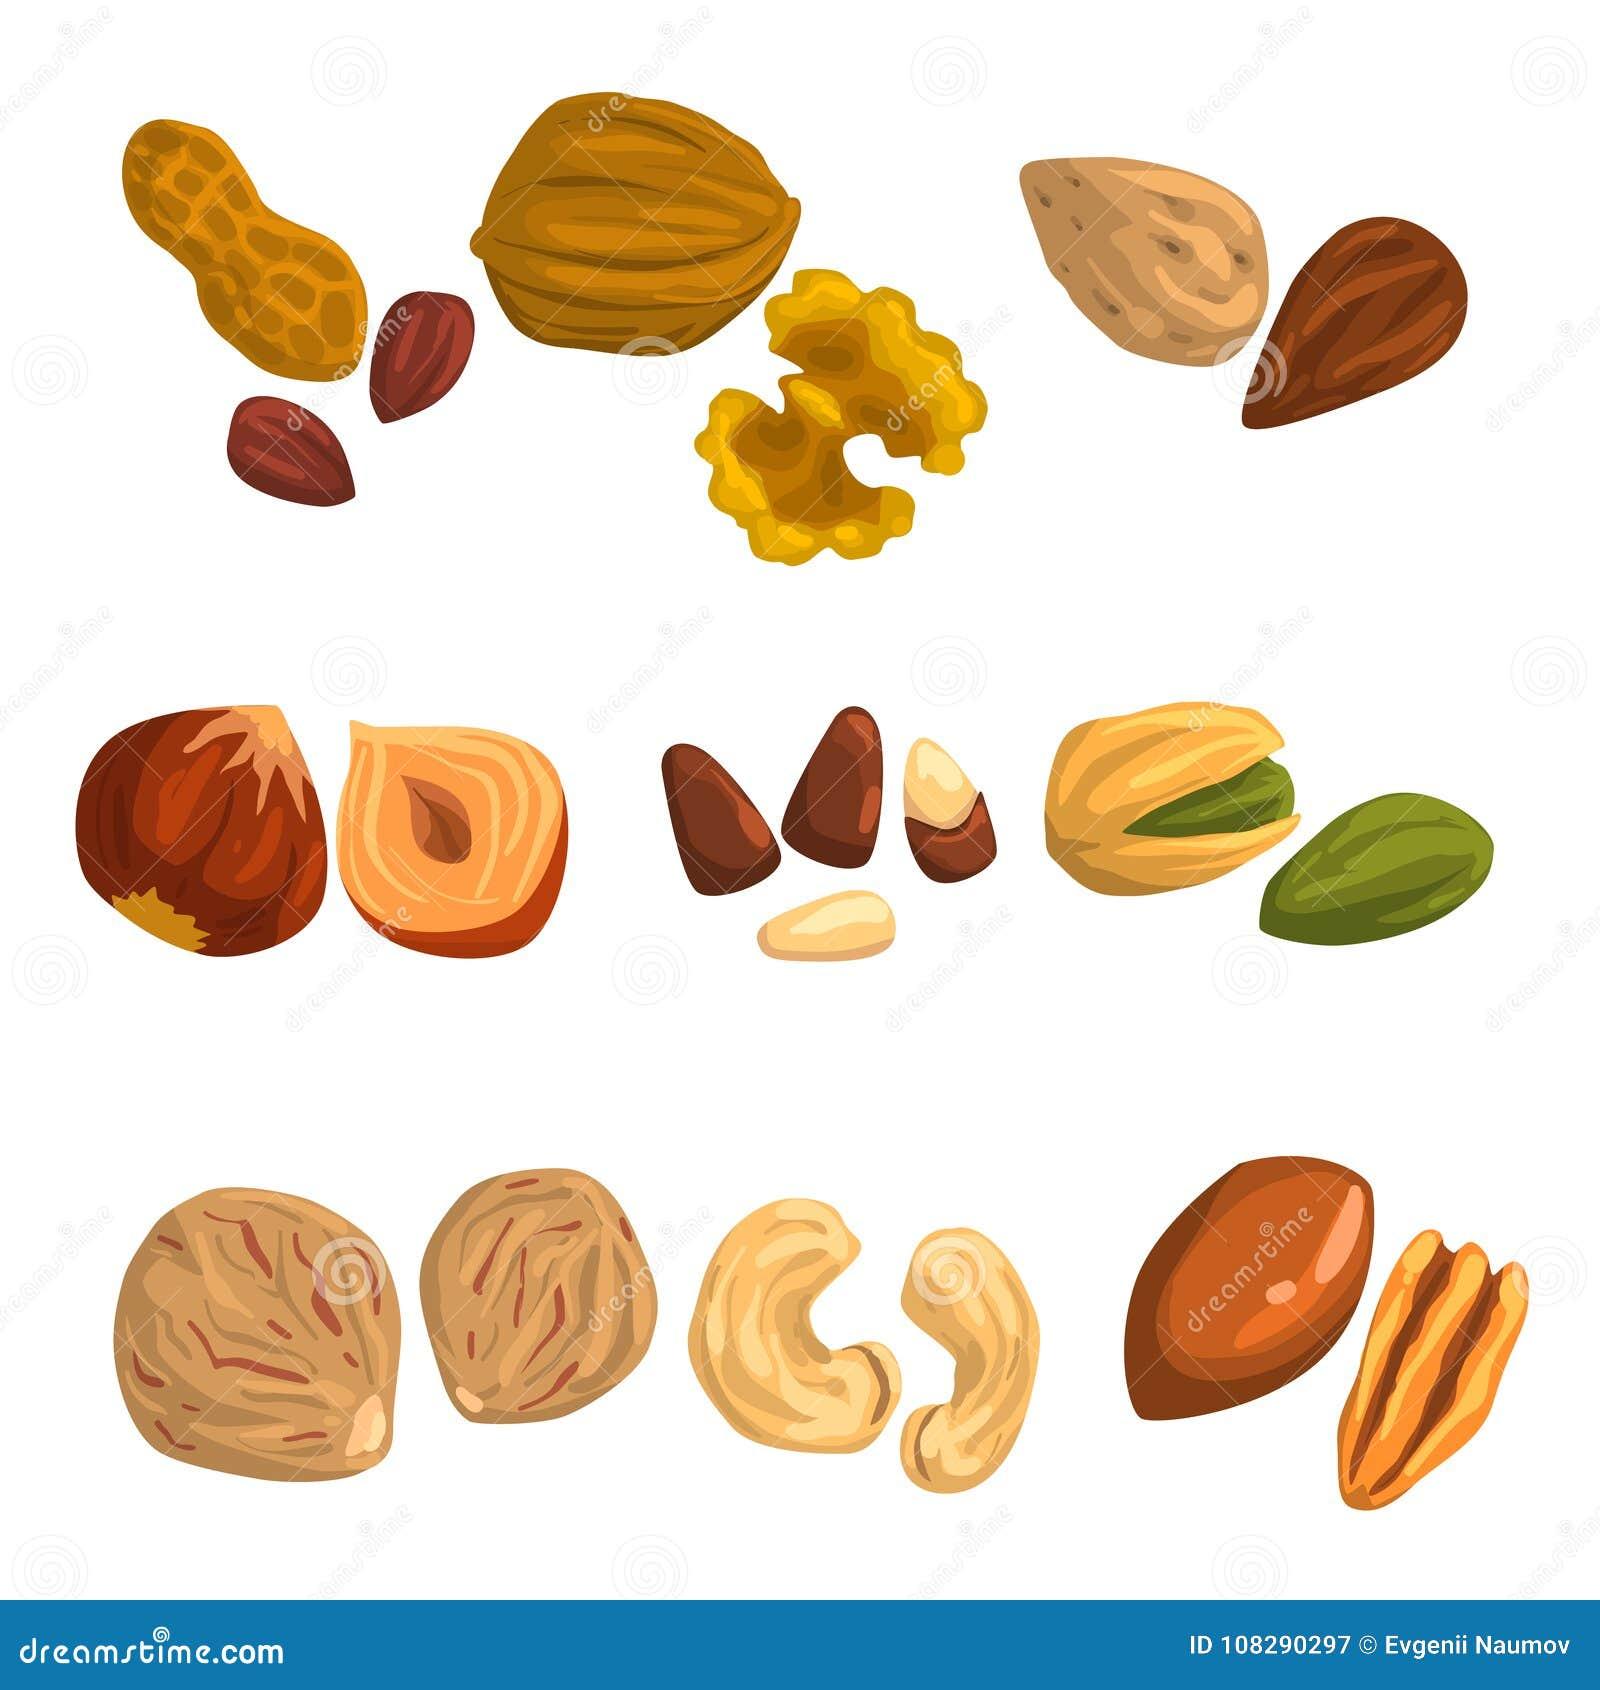 Iconos planos del vector de nueces y de semillas Avellana, pistacho, anacardo, nuez moscada moscada, nuez, nuez de Brasil, pacana